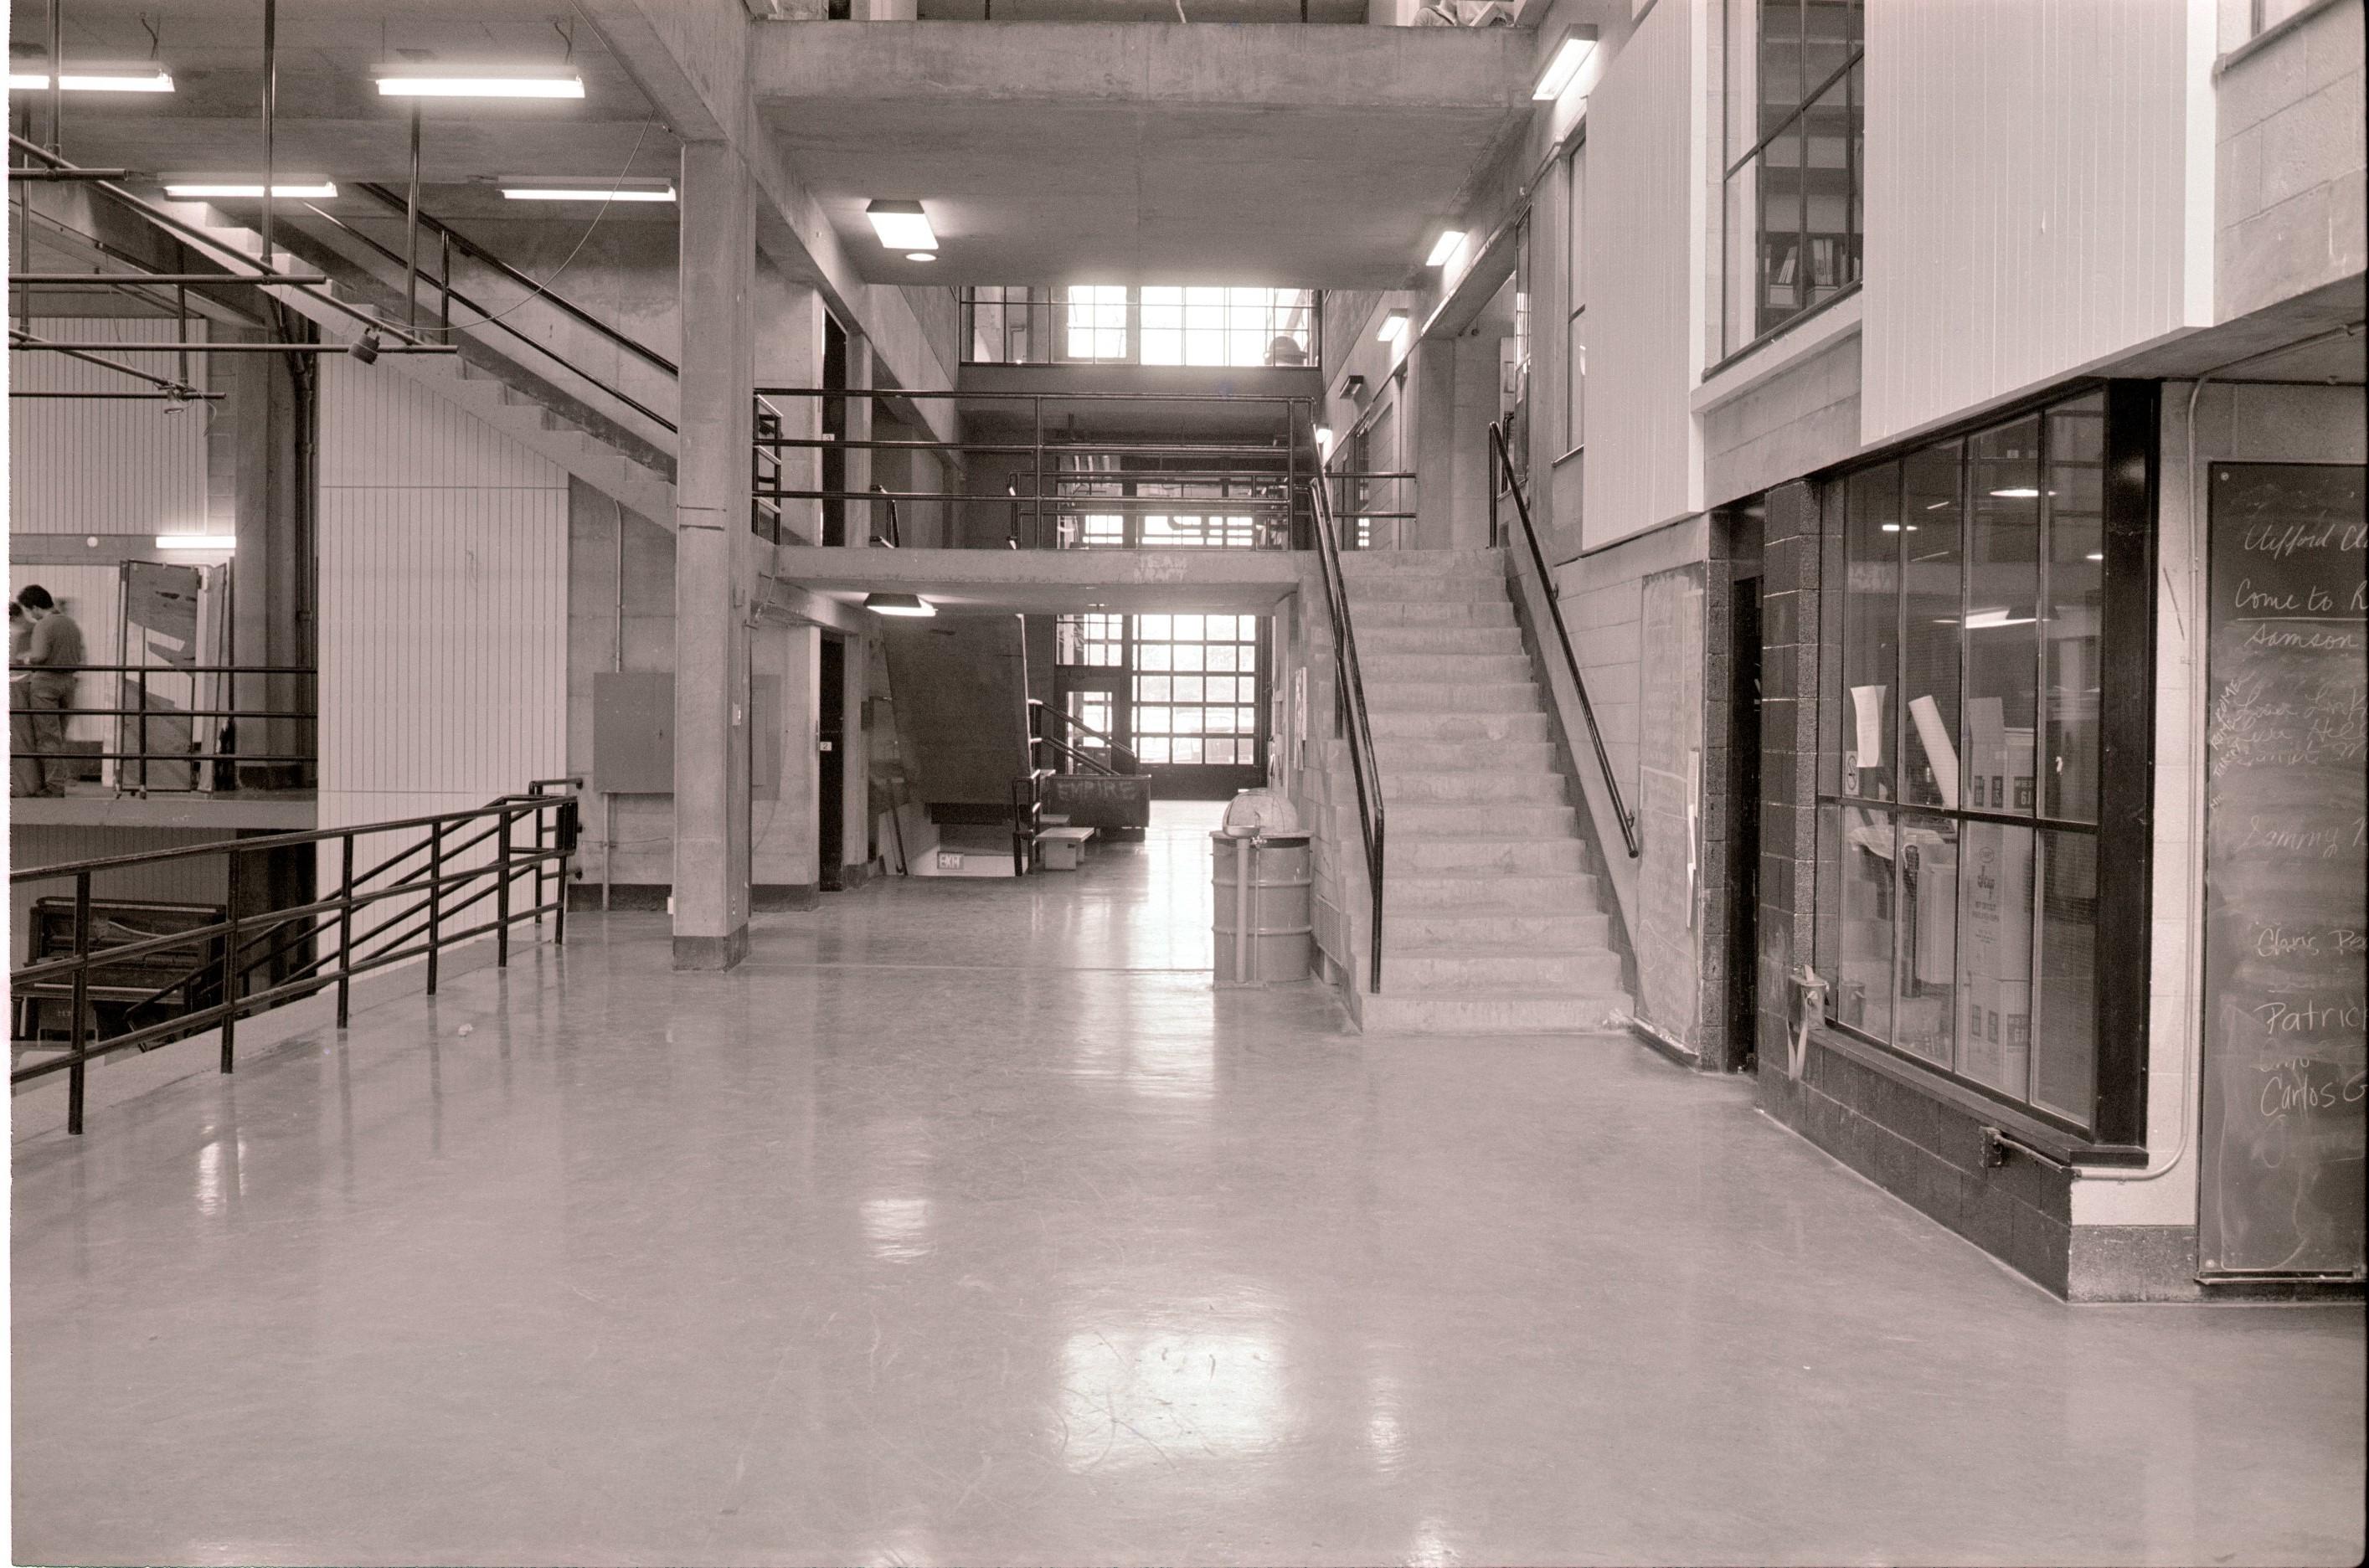 School interiors mid-90s-0018